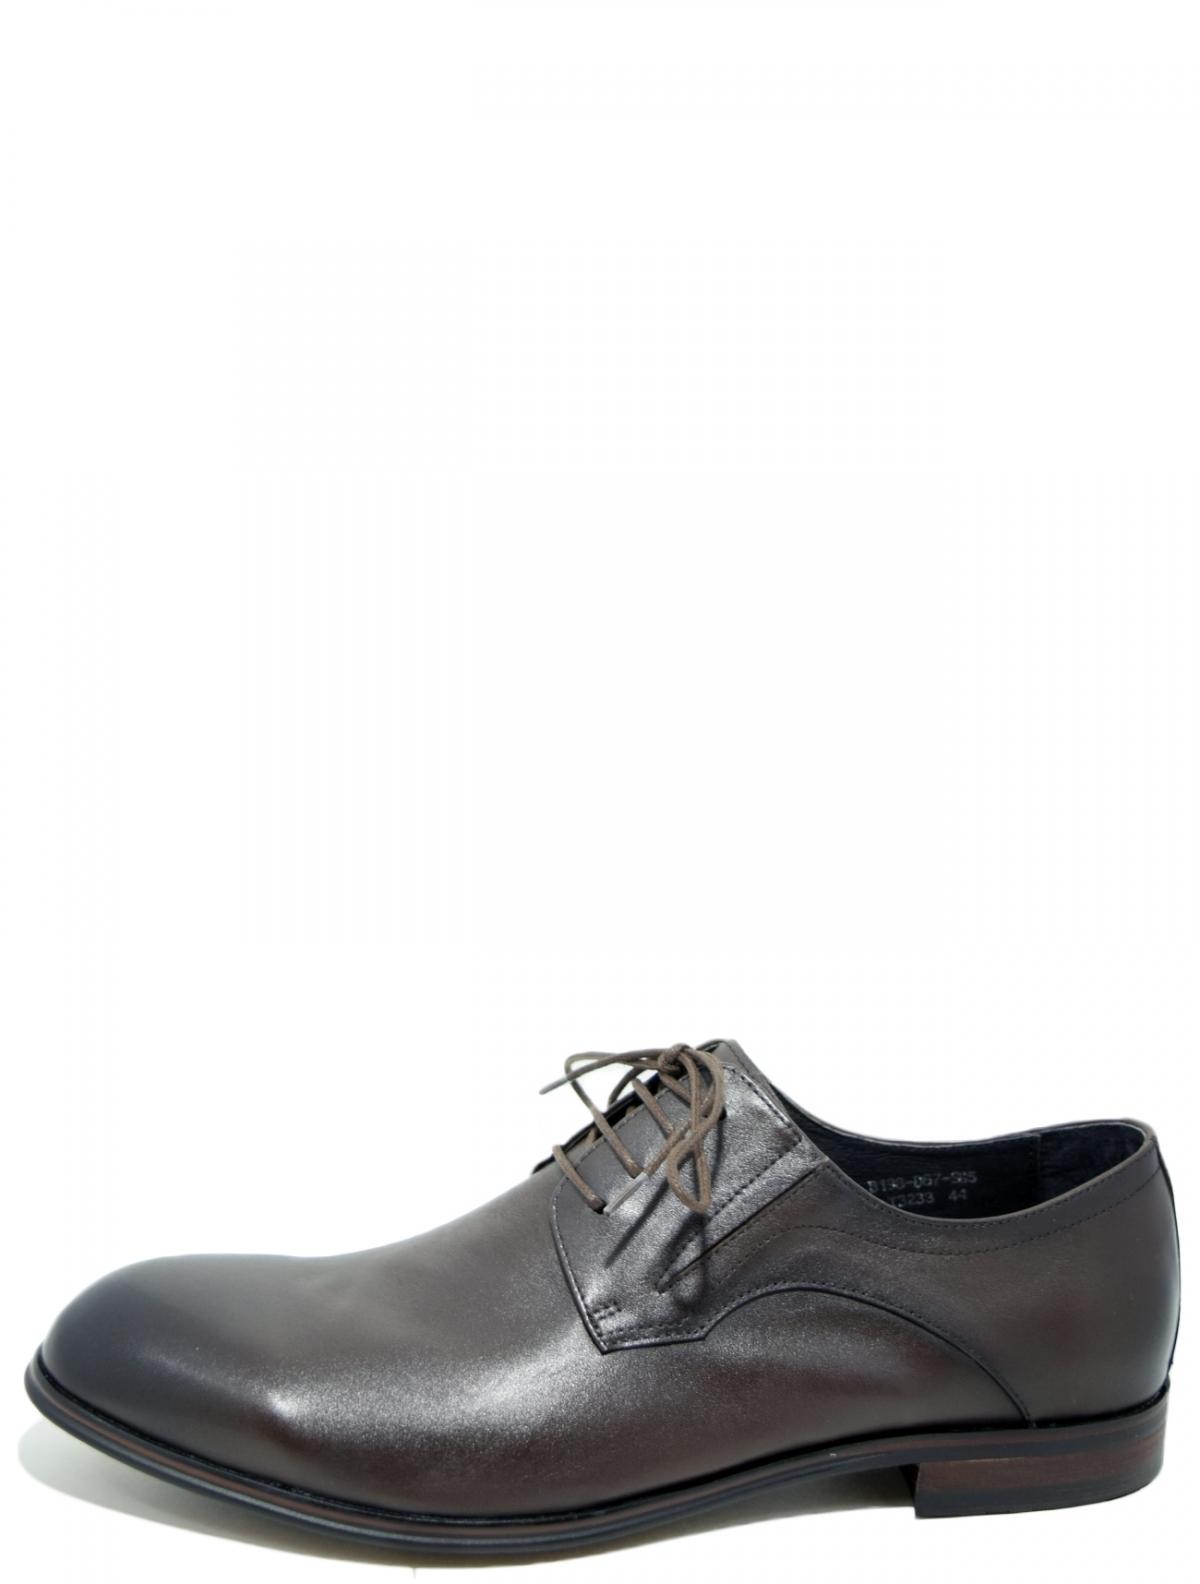 Roscote B198-D67-SG5-T3233 мужские туфли